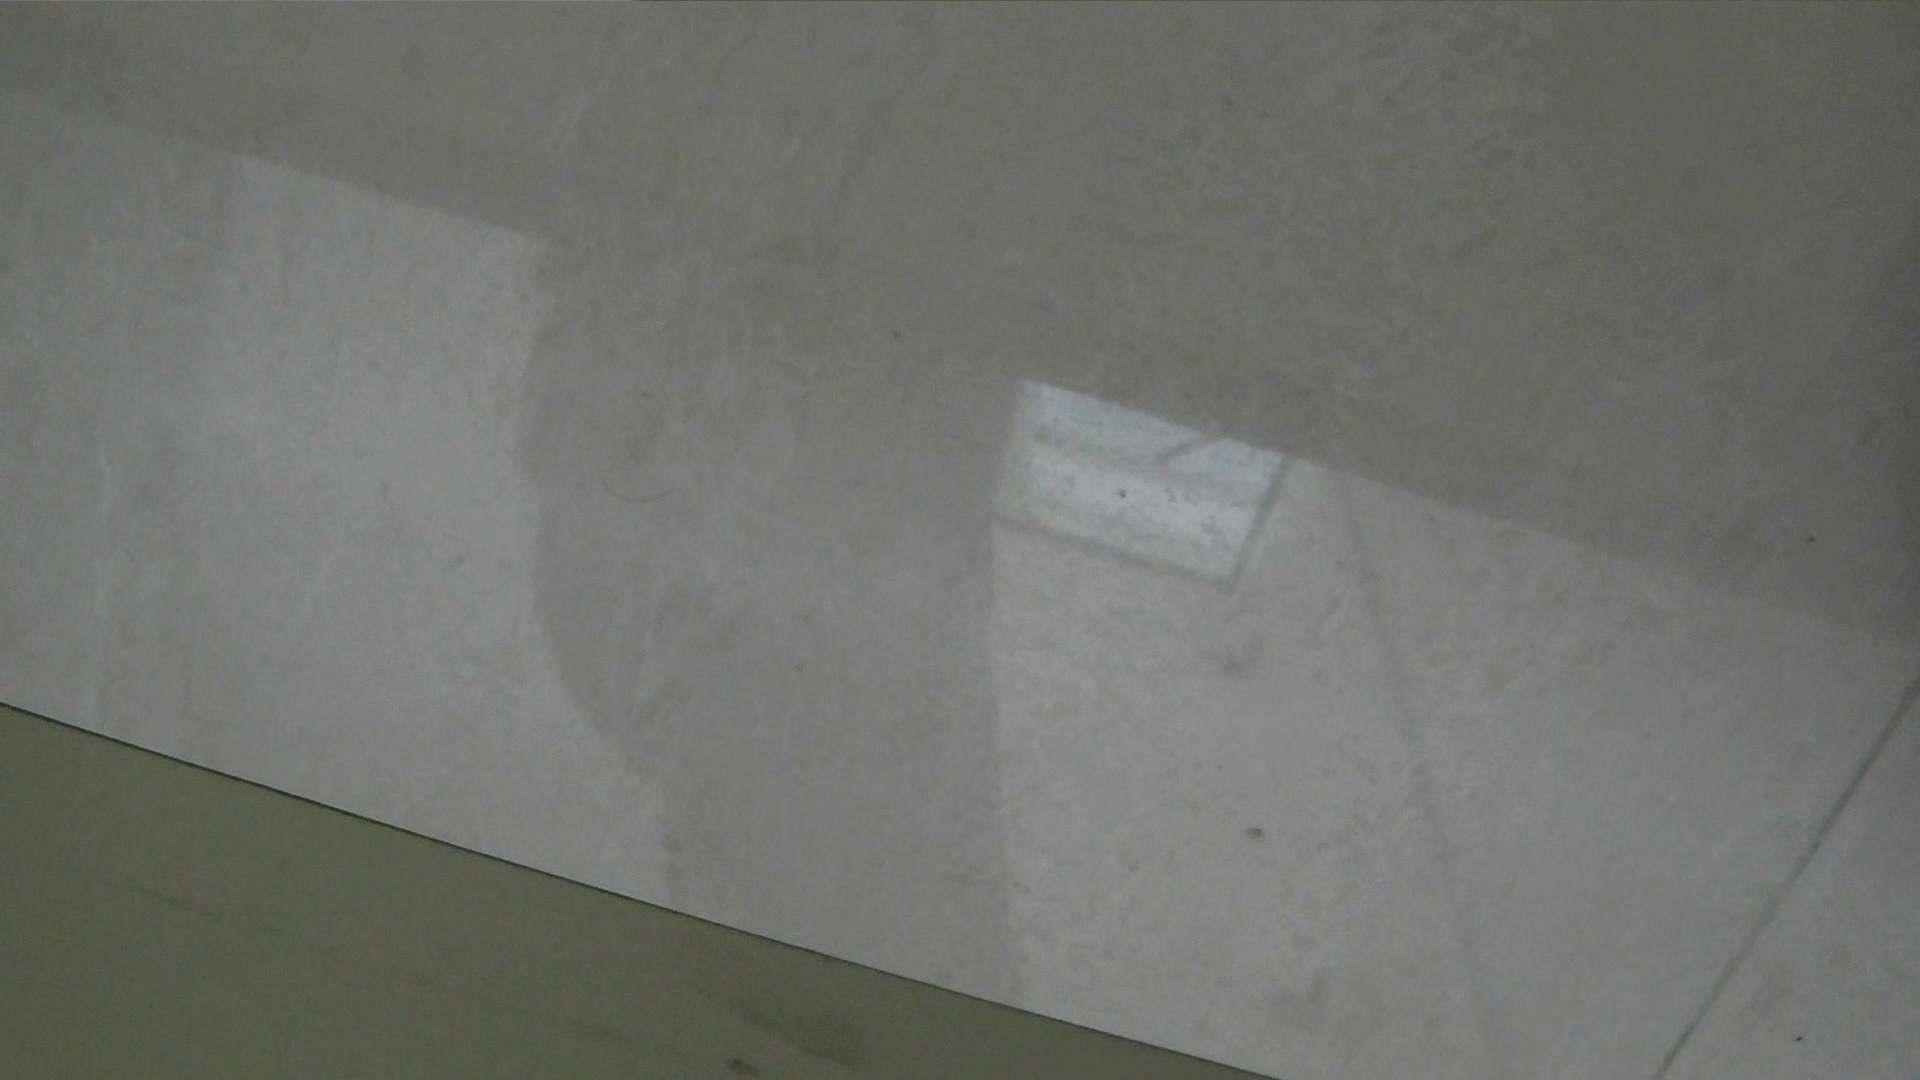 お市さんの「お尻丸出しジャンボリー」No.02 盗撮師作品 SEX無修正画像 74pic 34